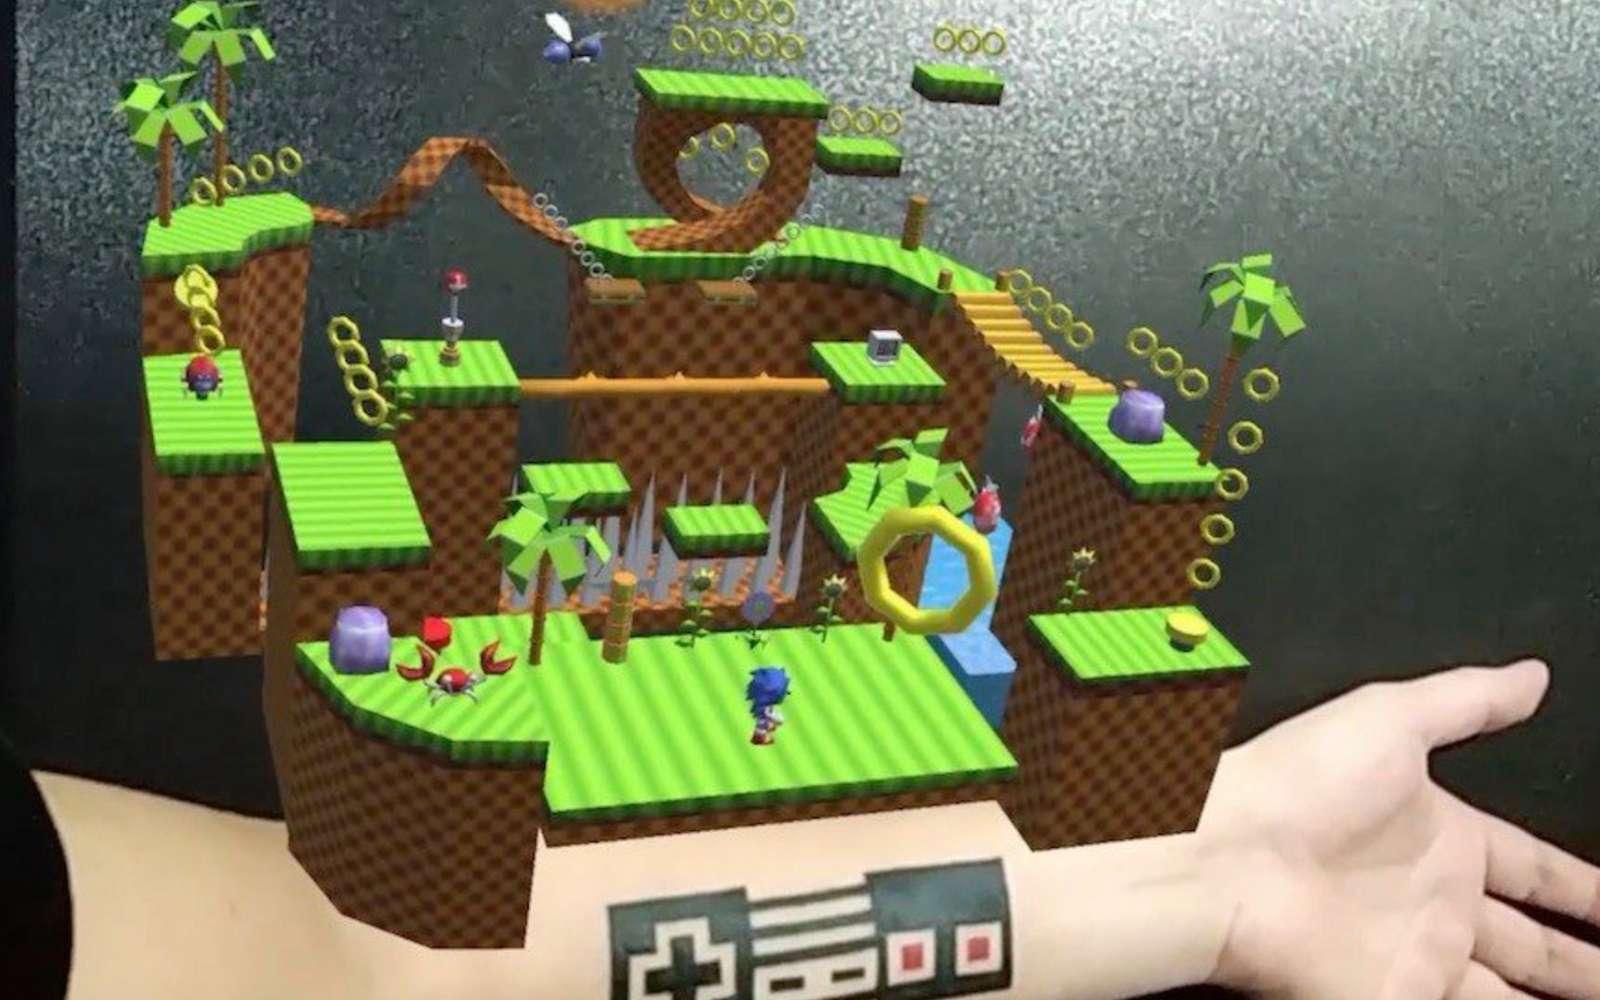 Un tatouage d'un contrôleur Nintendo pour jouer au plus célèbre des héros Sega. © Olo Sabandija